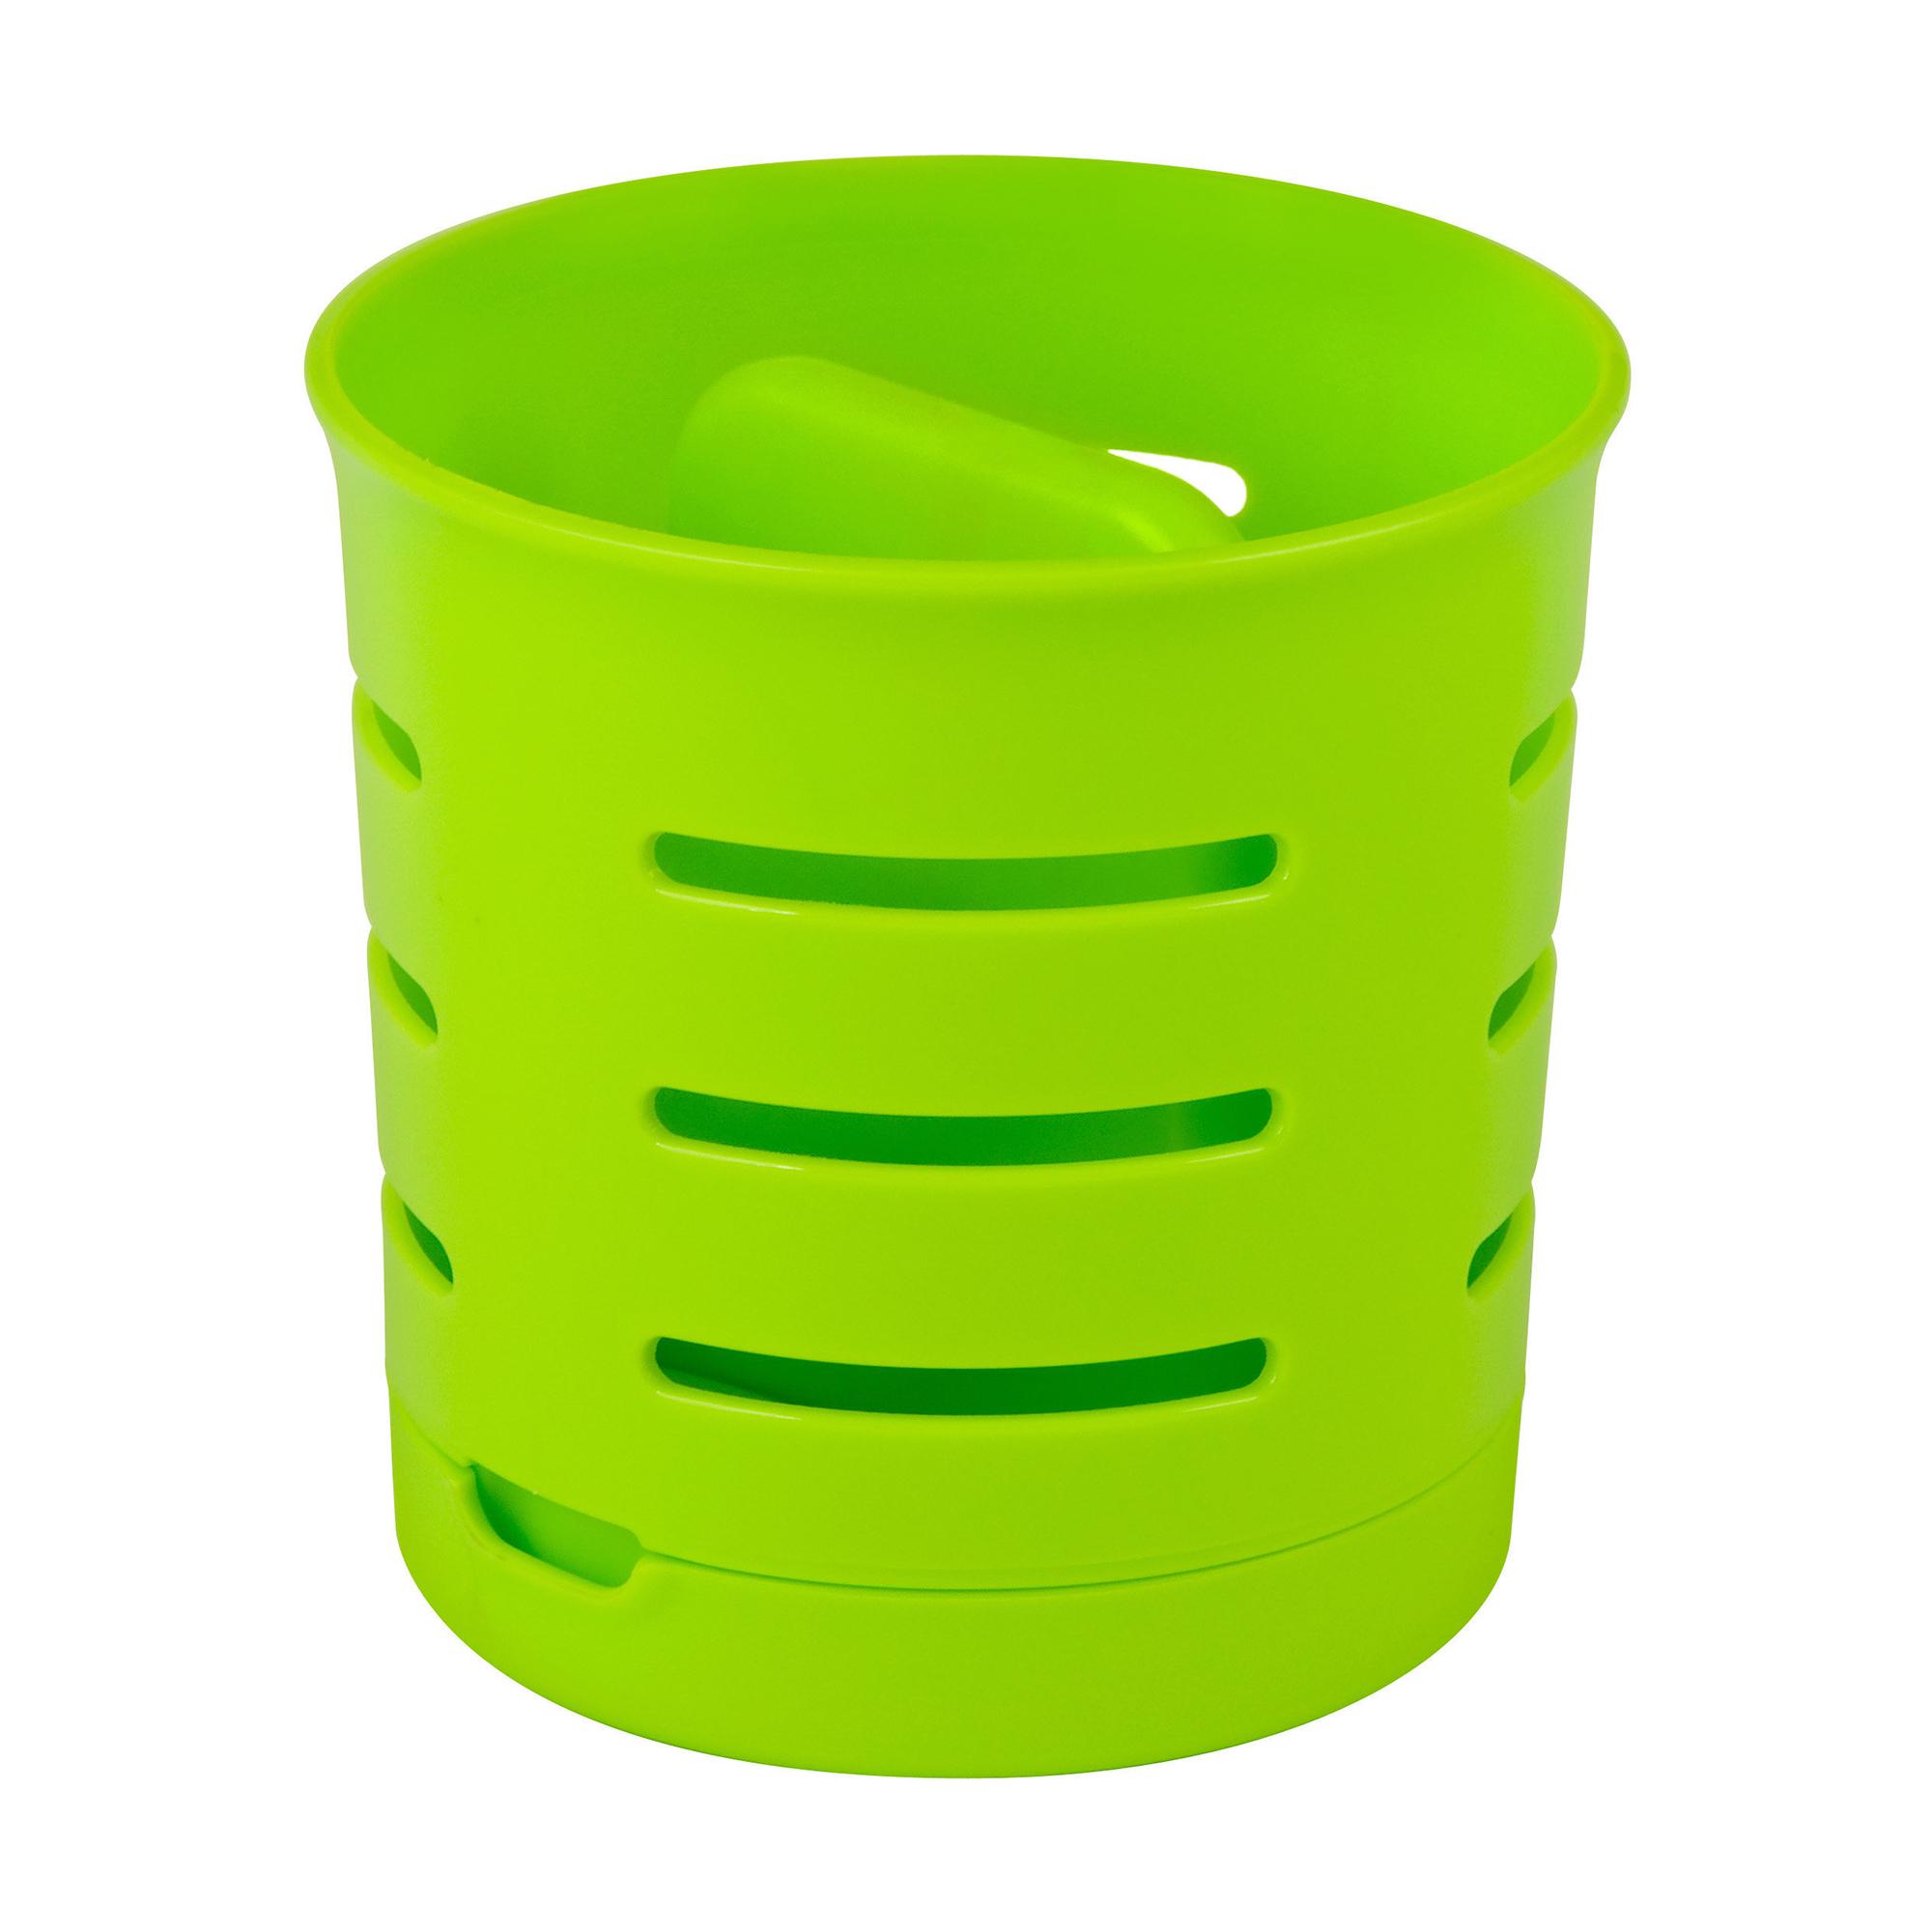 Сушилка для столовых приборов Curver двухкамерная (03410/03410-598-00) фото